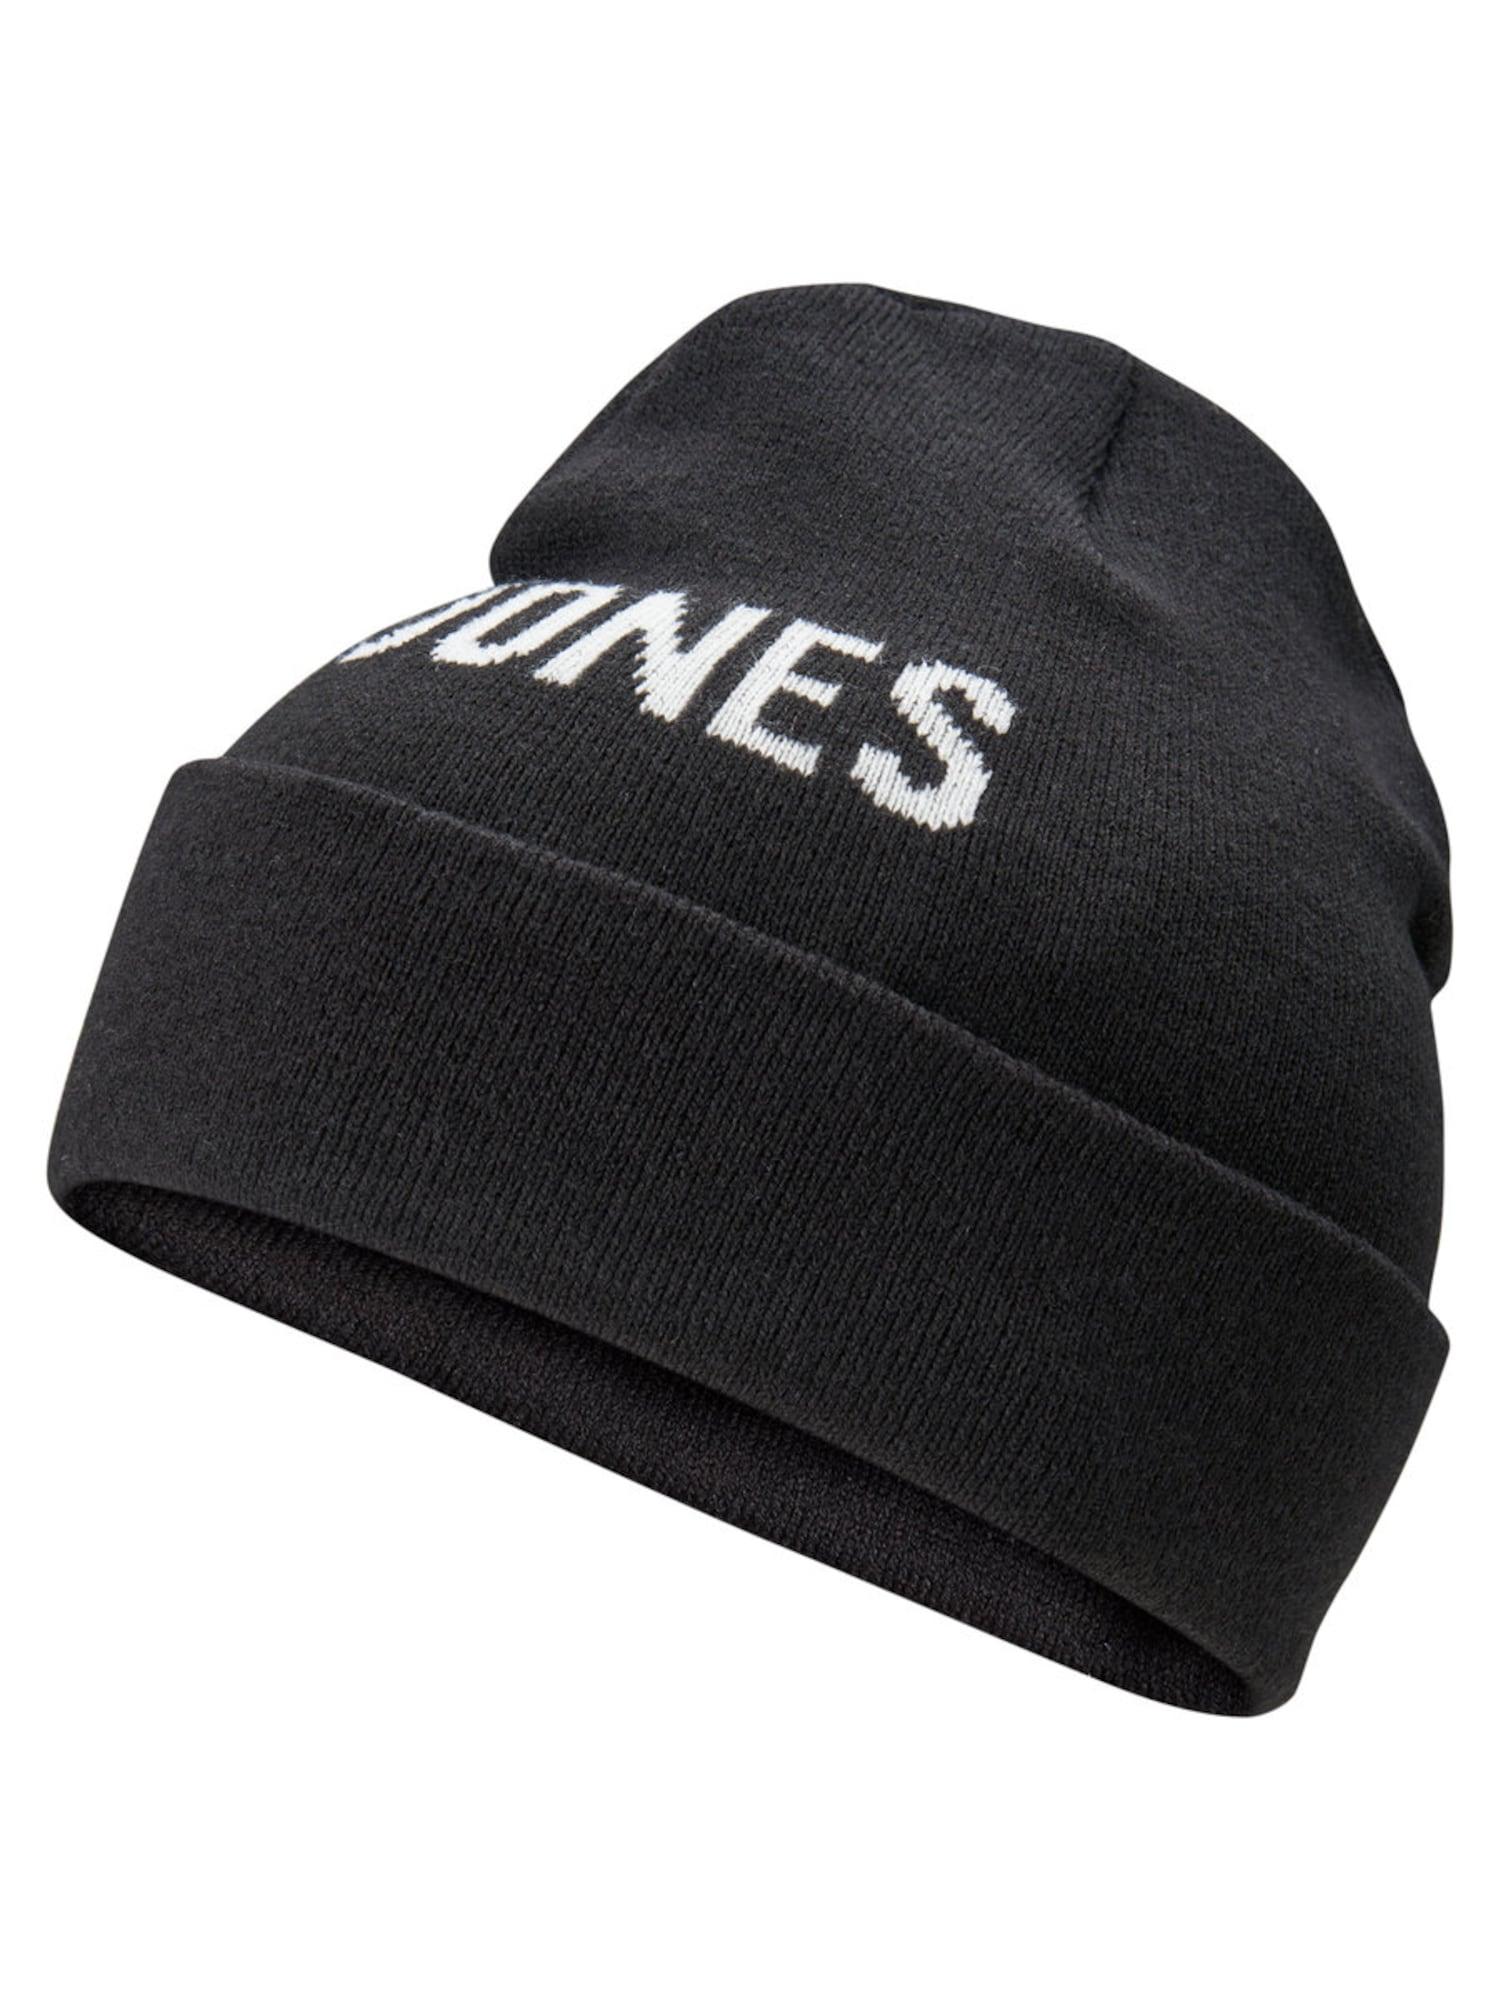 JACK & JONES, Heren Muts, zwart / wit